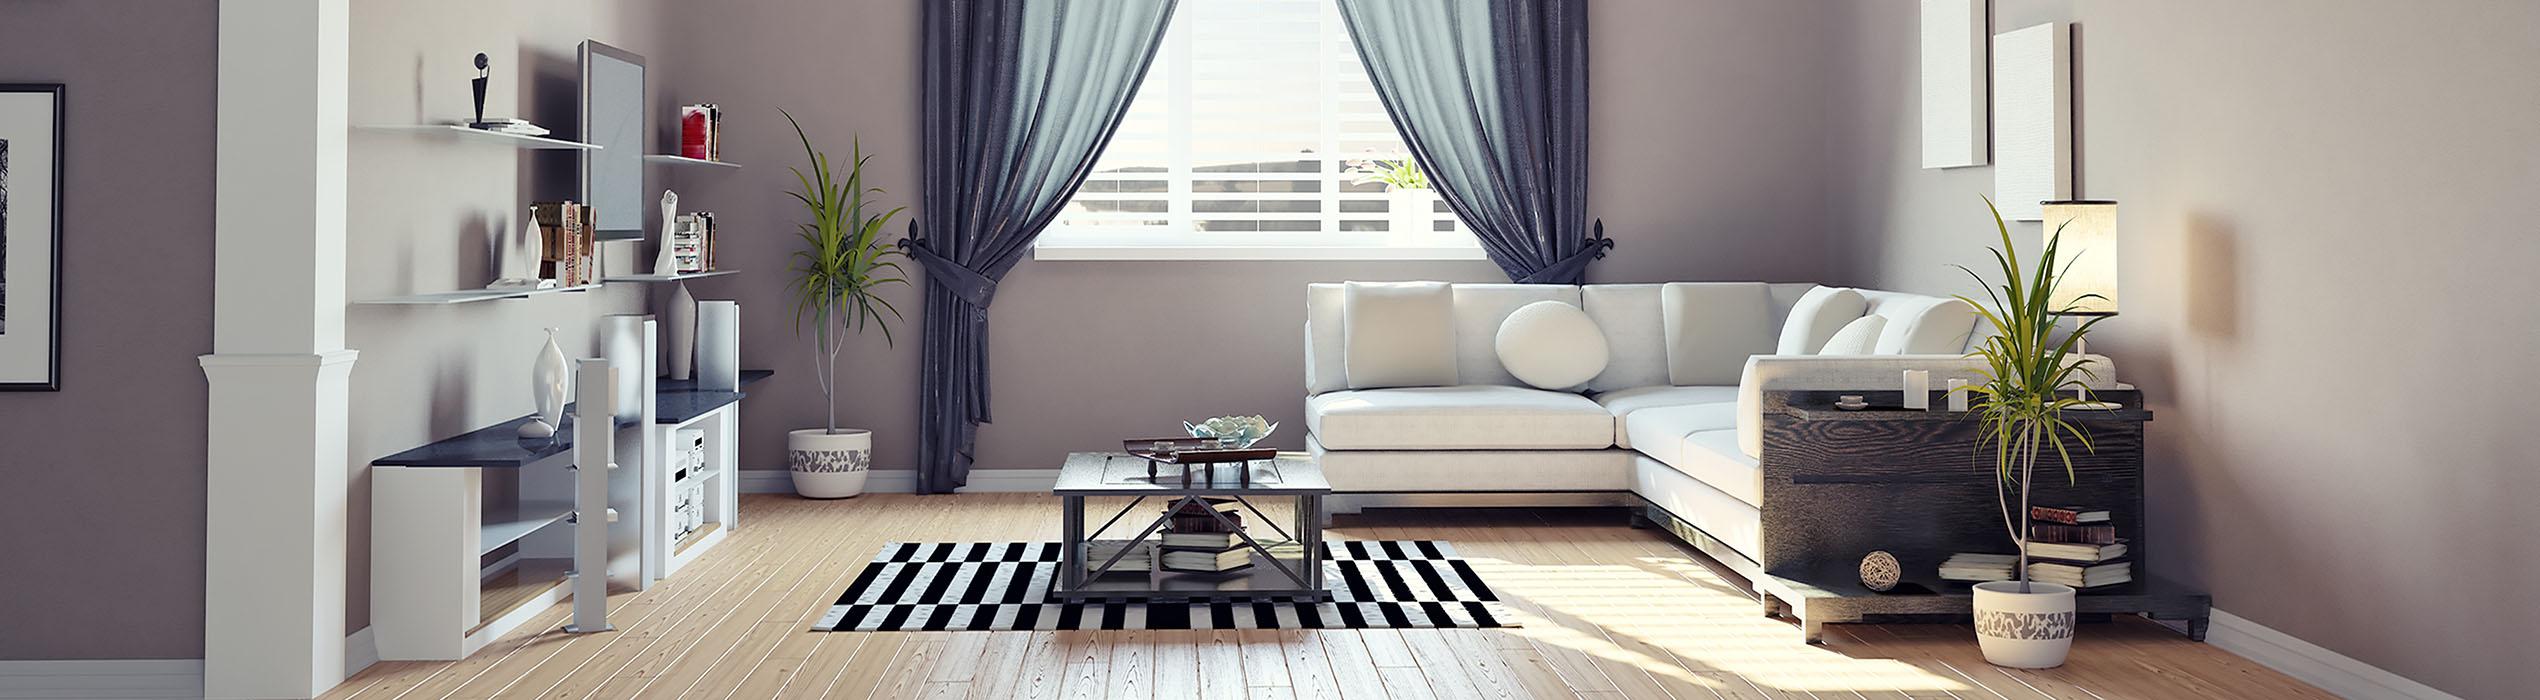 Stili Di Arredamento Interni.Interni Casa Stile Americano